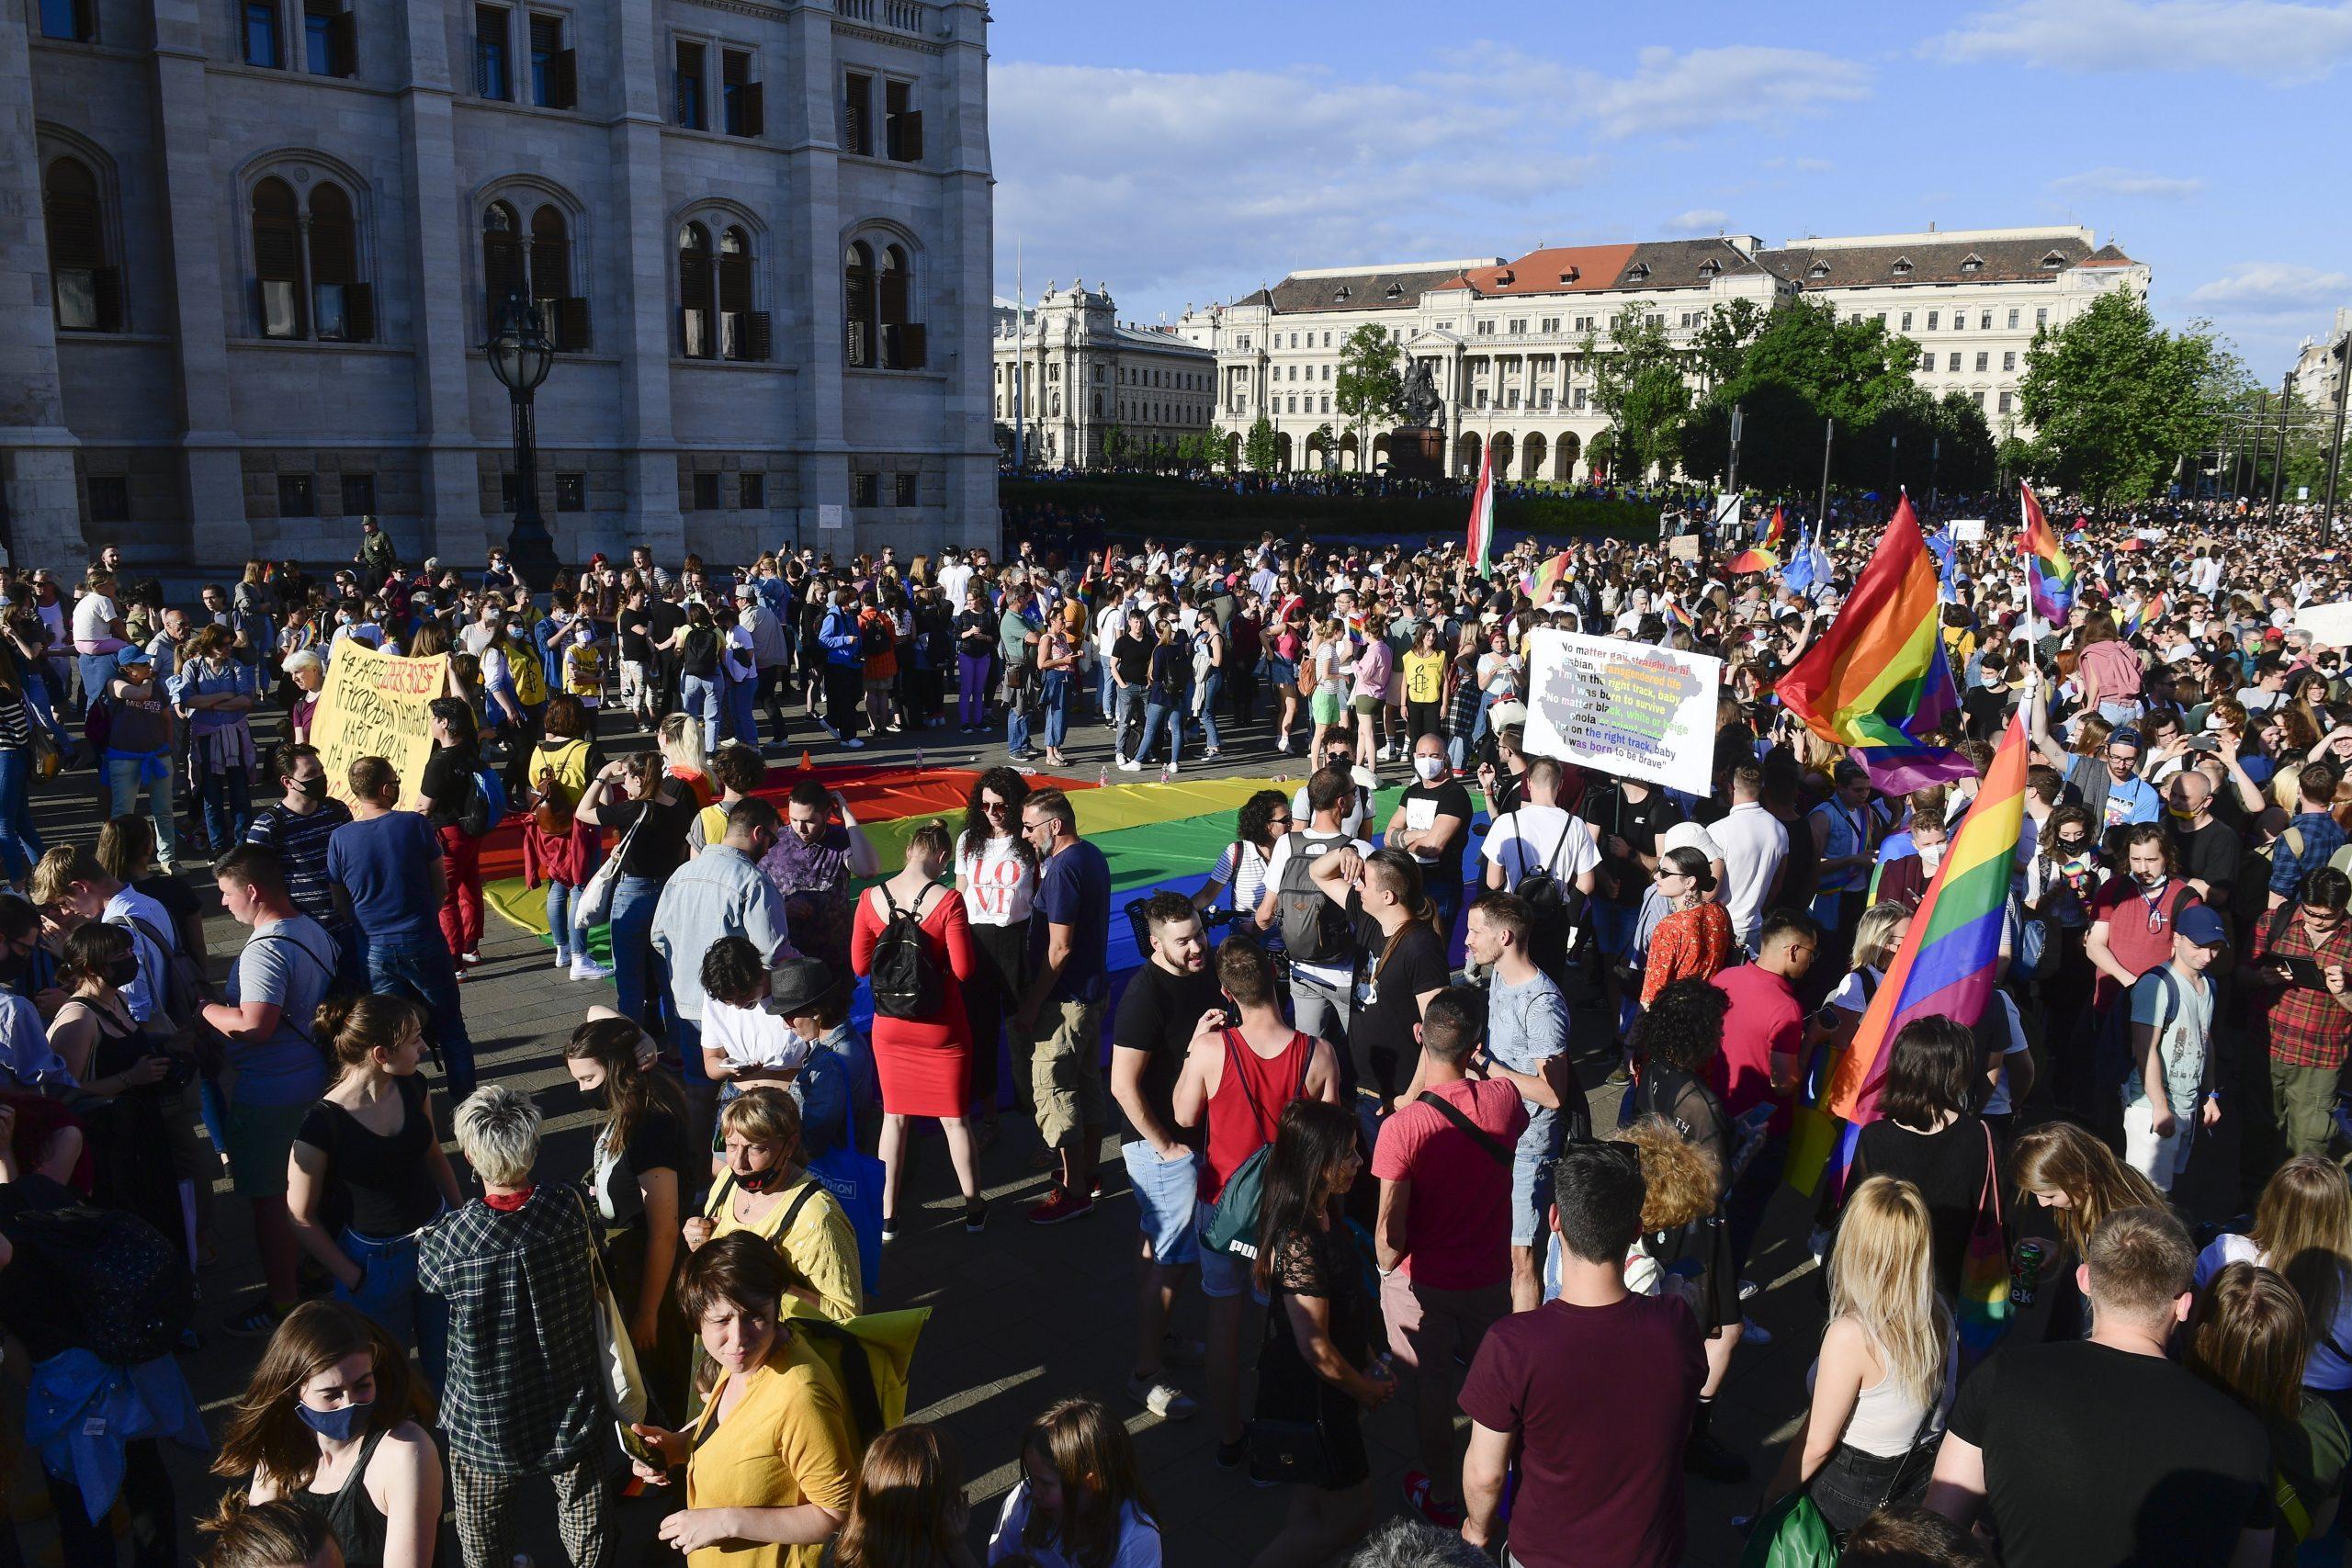 Tausende protestierten vor dem Parlament gegen das